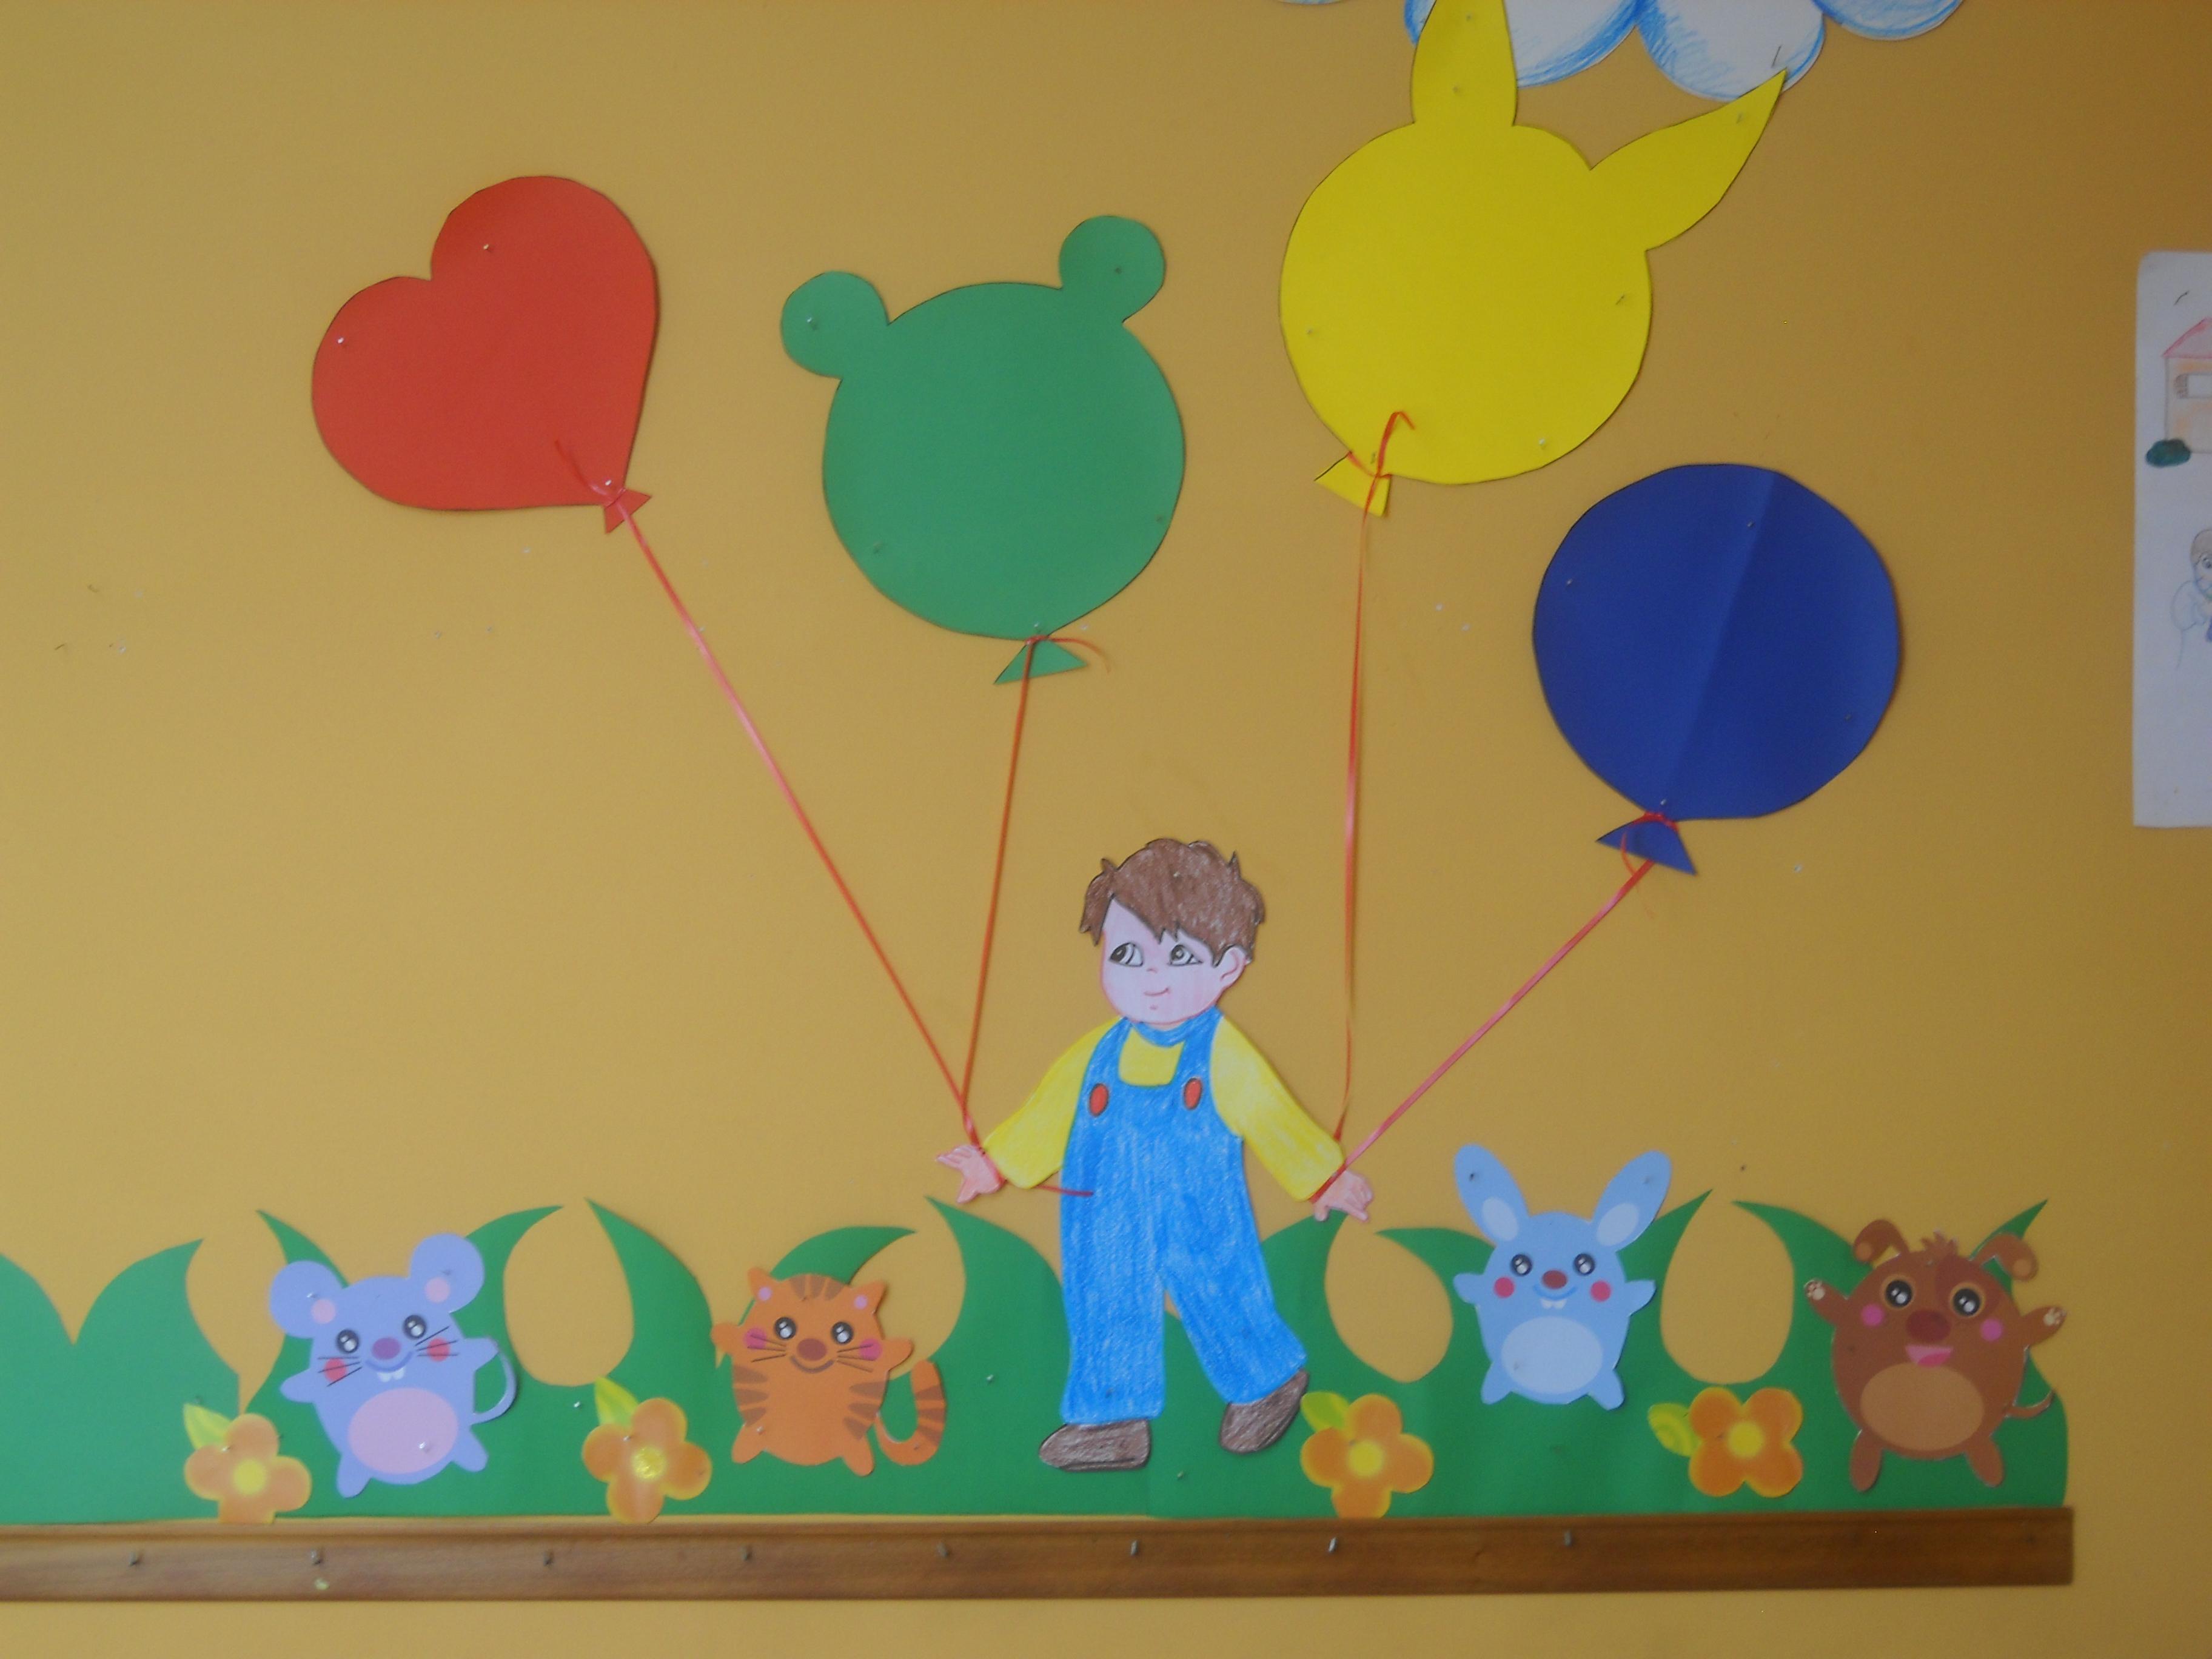 Lavoretti di benvenuti o bentornati a scuola maestramaria for Addobbi aula scuola primaria accoglienza